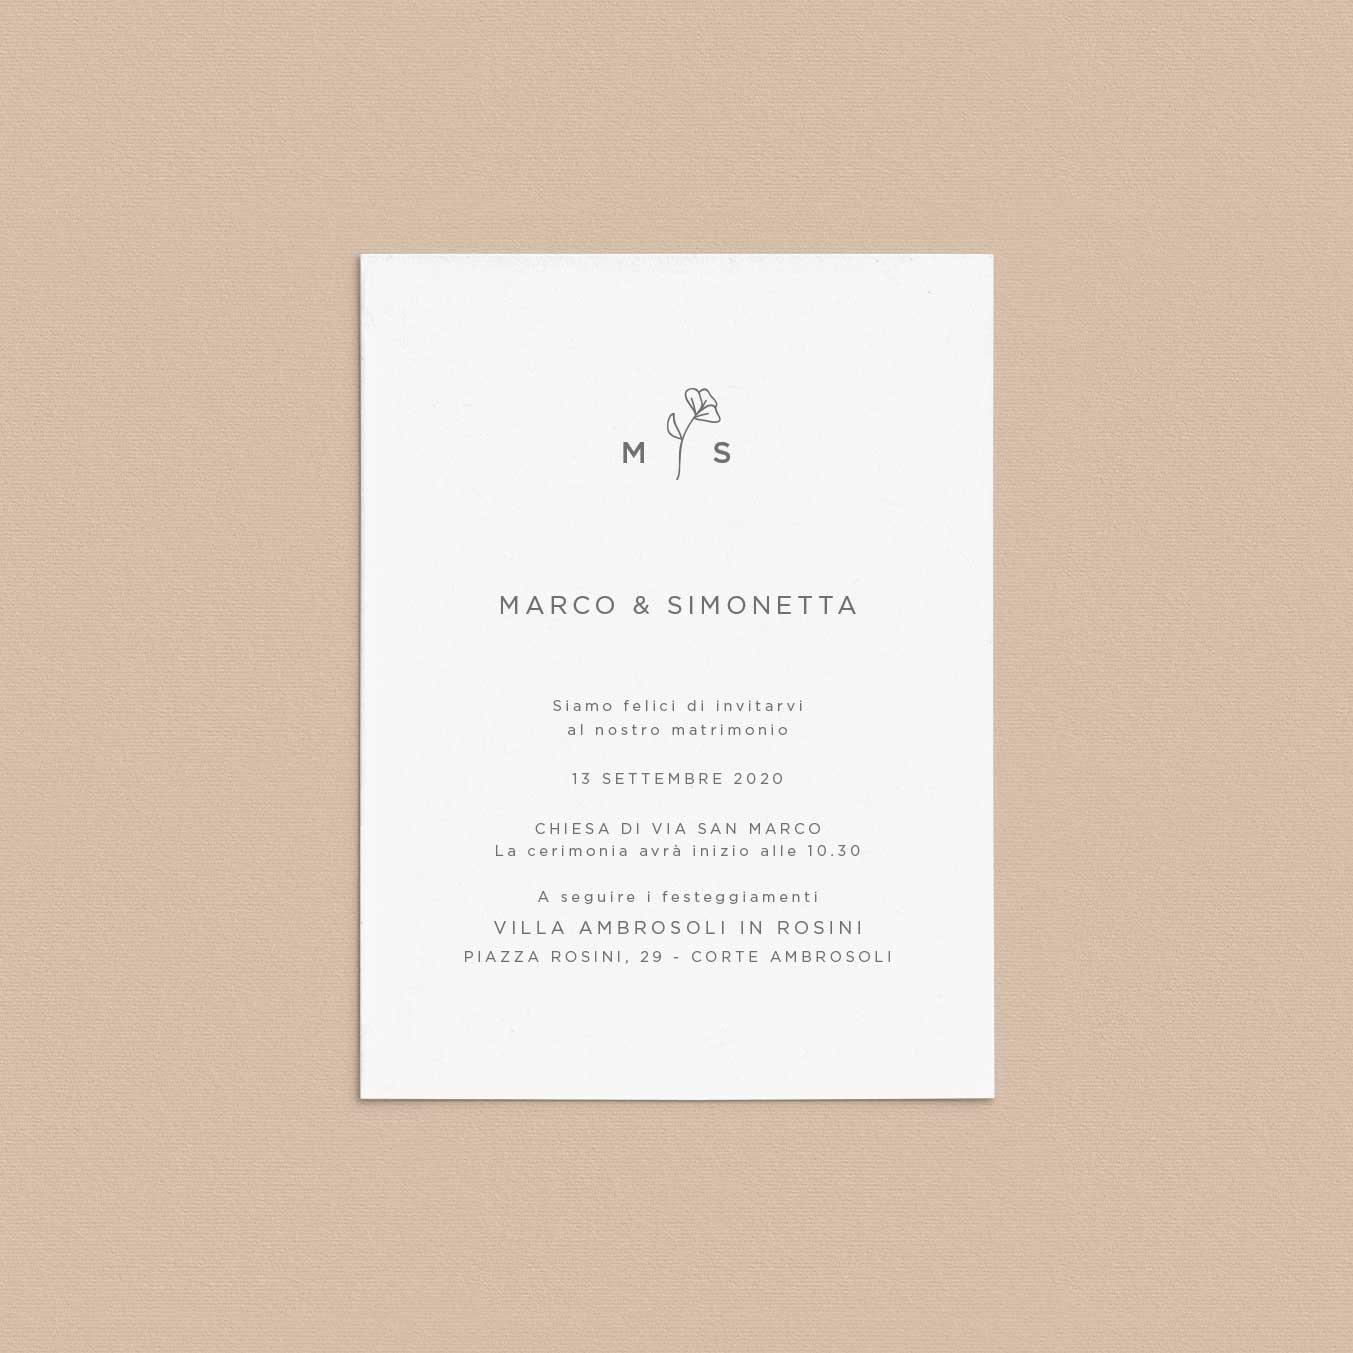 Invito-partecipazione-matrimonio-wedding-nozze-fiori-semplice-moderno-pop-elegante-modern-chic-fiorellini-natura